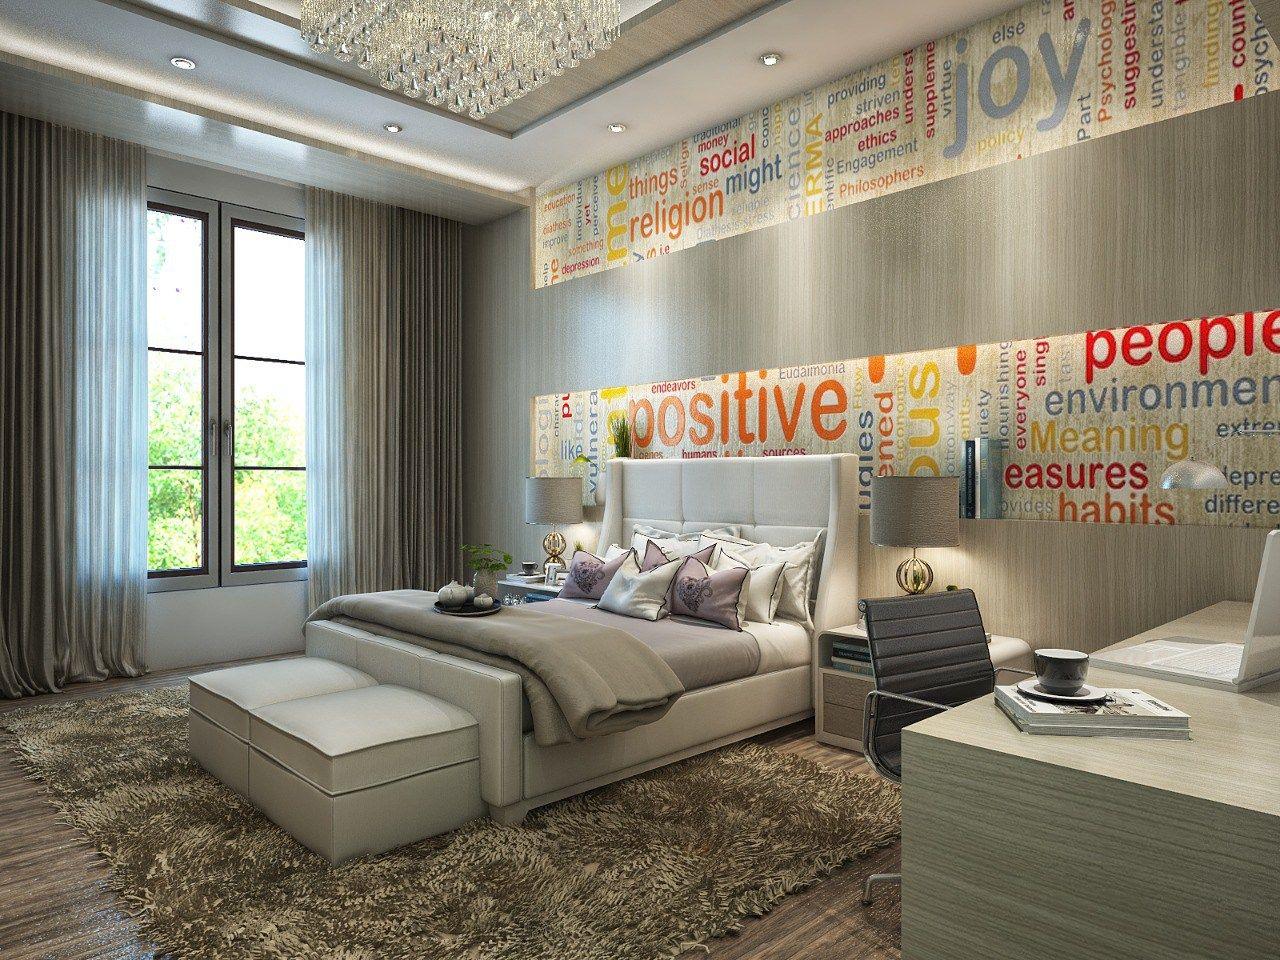 غرف نوم اولاد بازار يعتمد التصميم الداخلى للديكور بشكل كبير على الذوق الخاص بك وكيفية اختيارك لعناصر التصميم المناسبة لك و Bedroom Design Blue Decor Home Decor